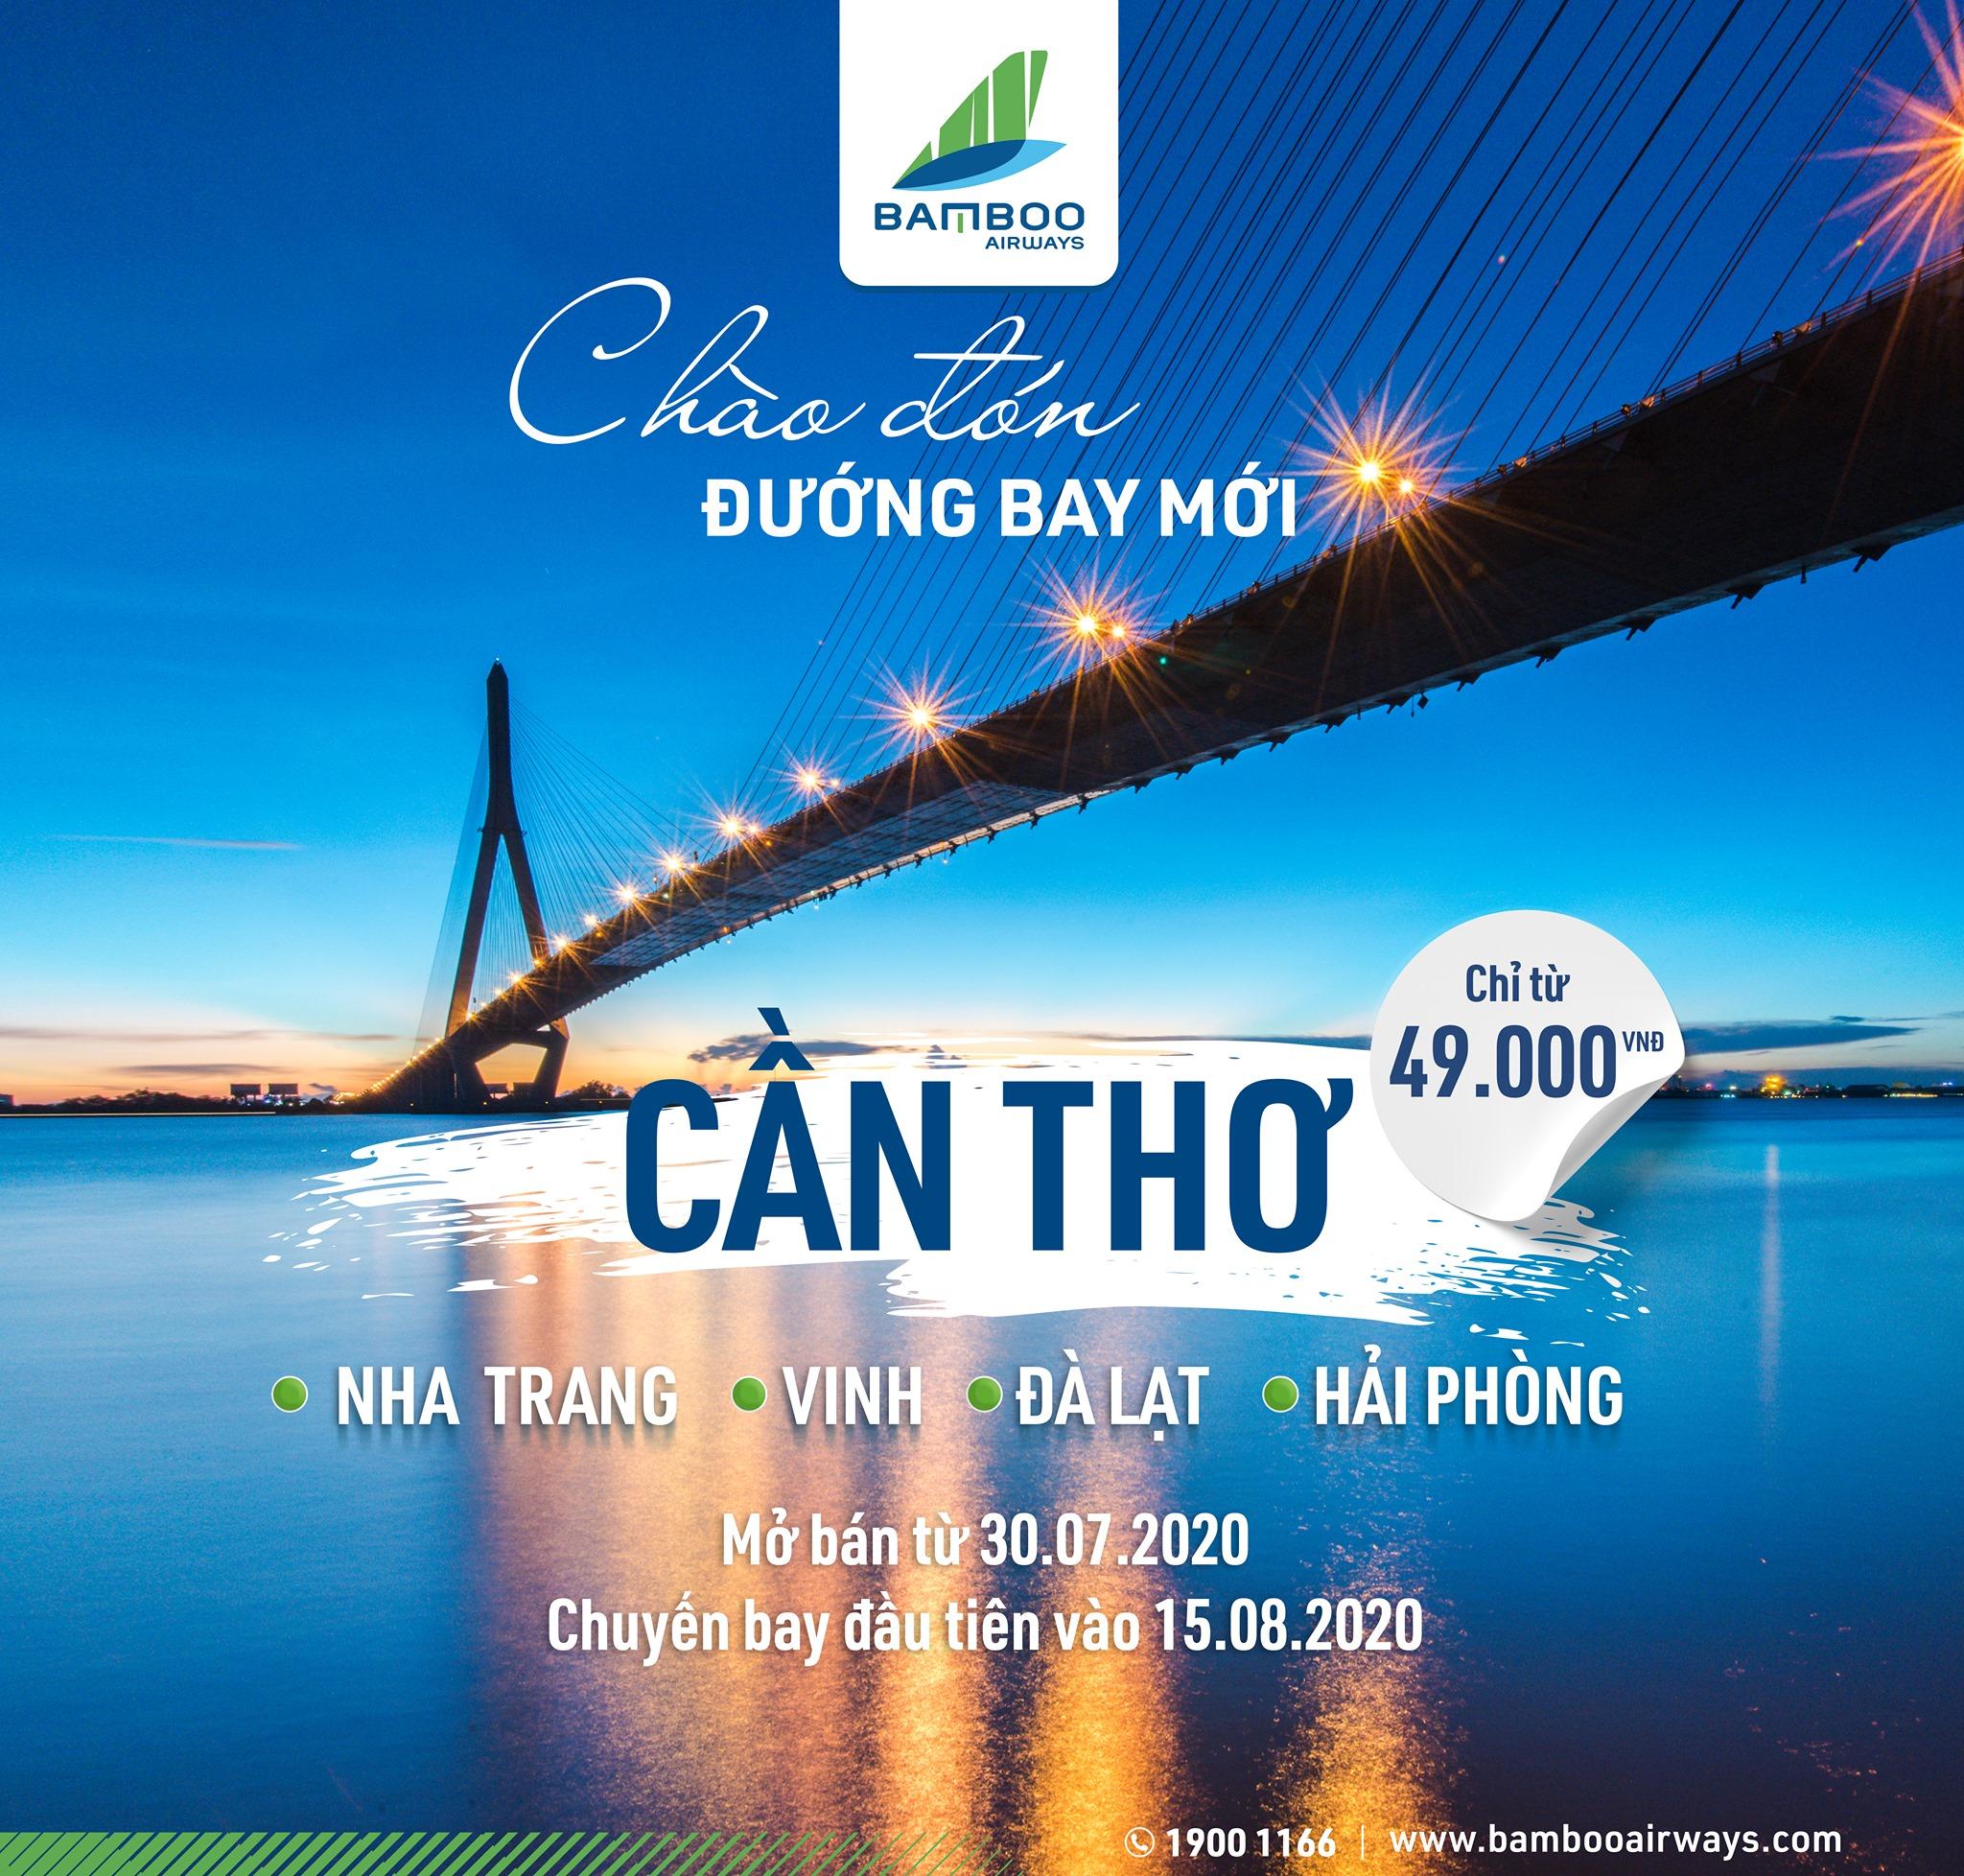 Photo of Từ ngày 15/8 Bamboo Airways mở thêm 4 đường bay mới